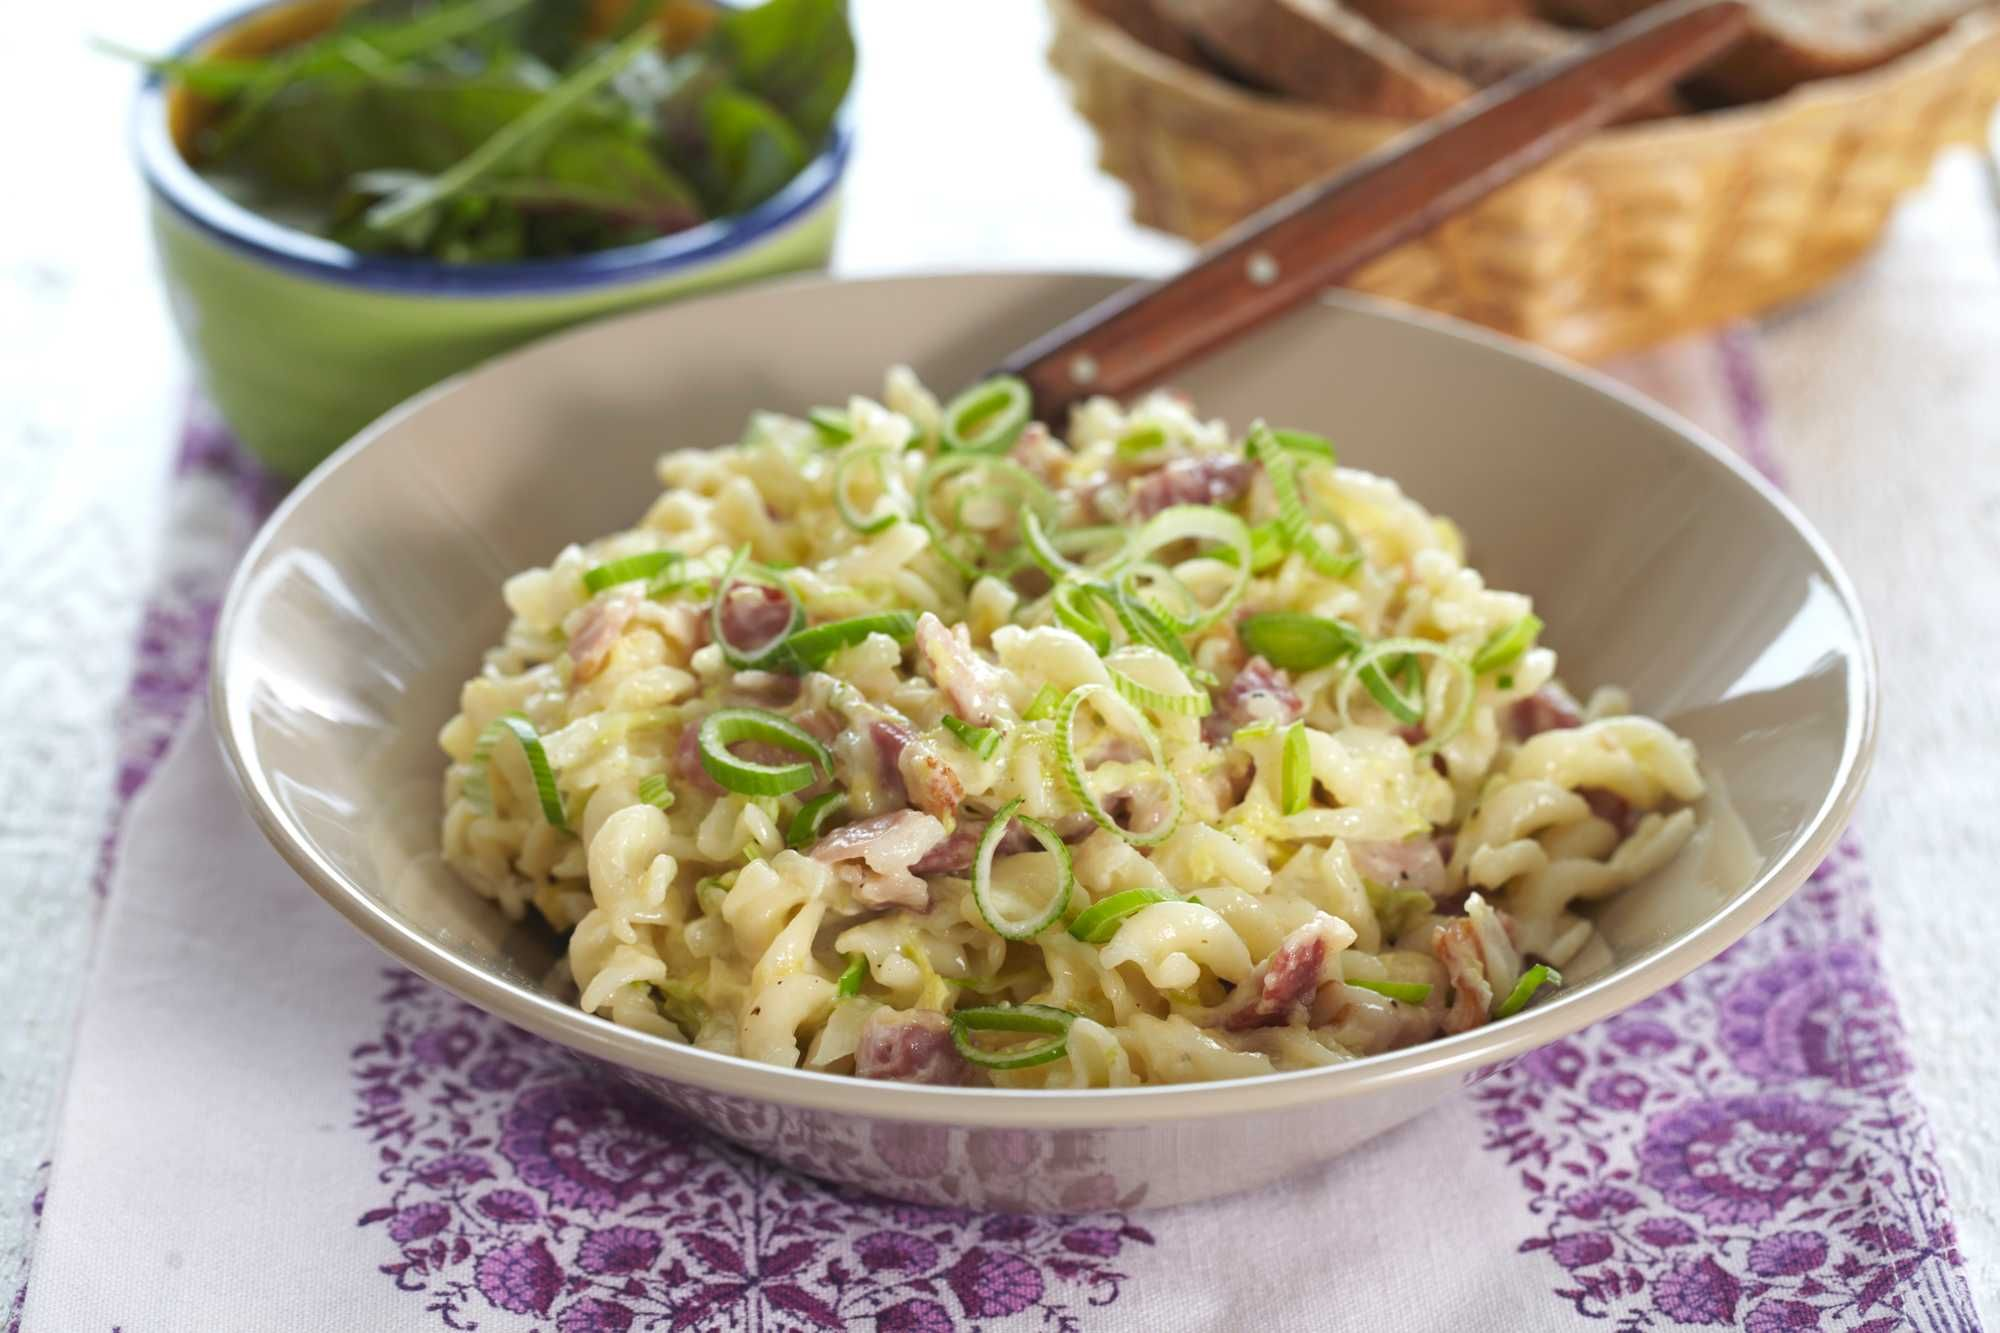 Denne oppskriften er en rask og god middagsrett i hverdagen. Sprøstekte baconterninger, kinakål og din favorittpasta med litt saus til, gir en vellykket middag for hele familien.